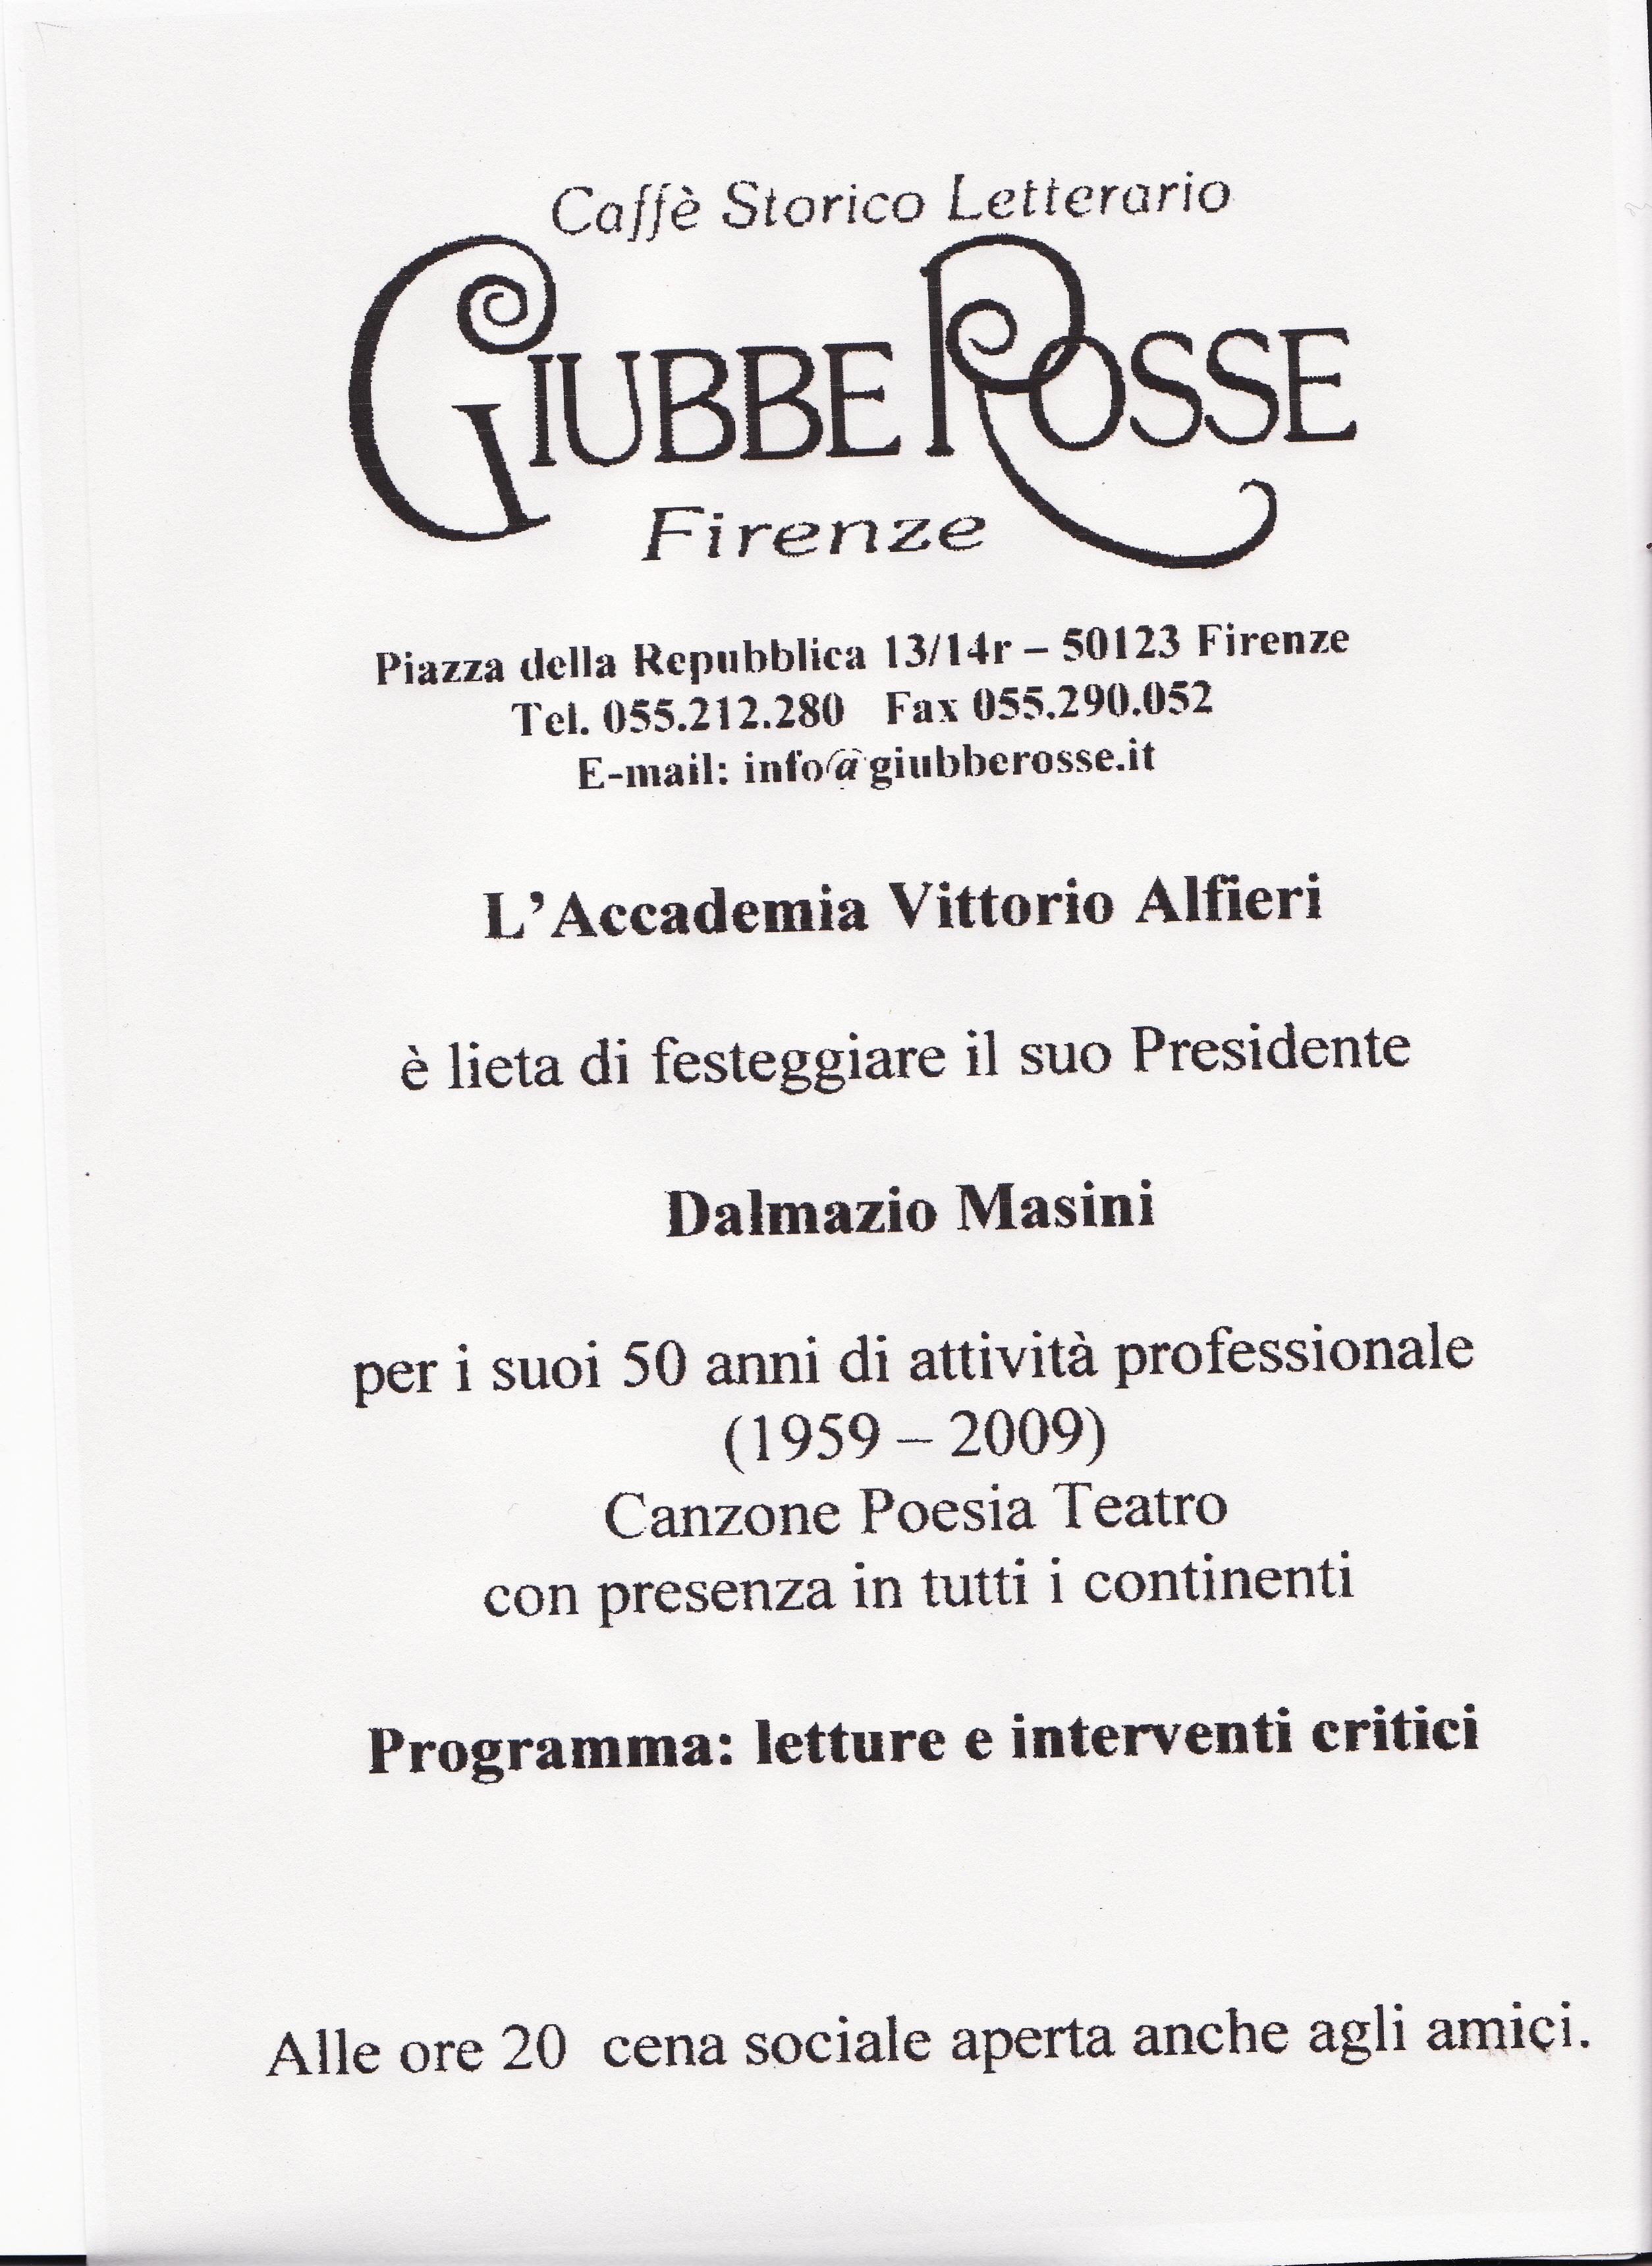 Firenze. Evento al caffè letterario GIUBBE ROSSE: Dalmazio Masini, 50 anni di cultura